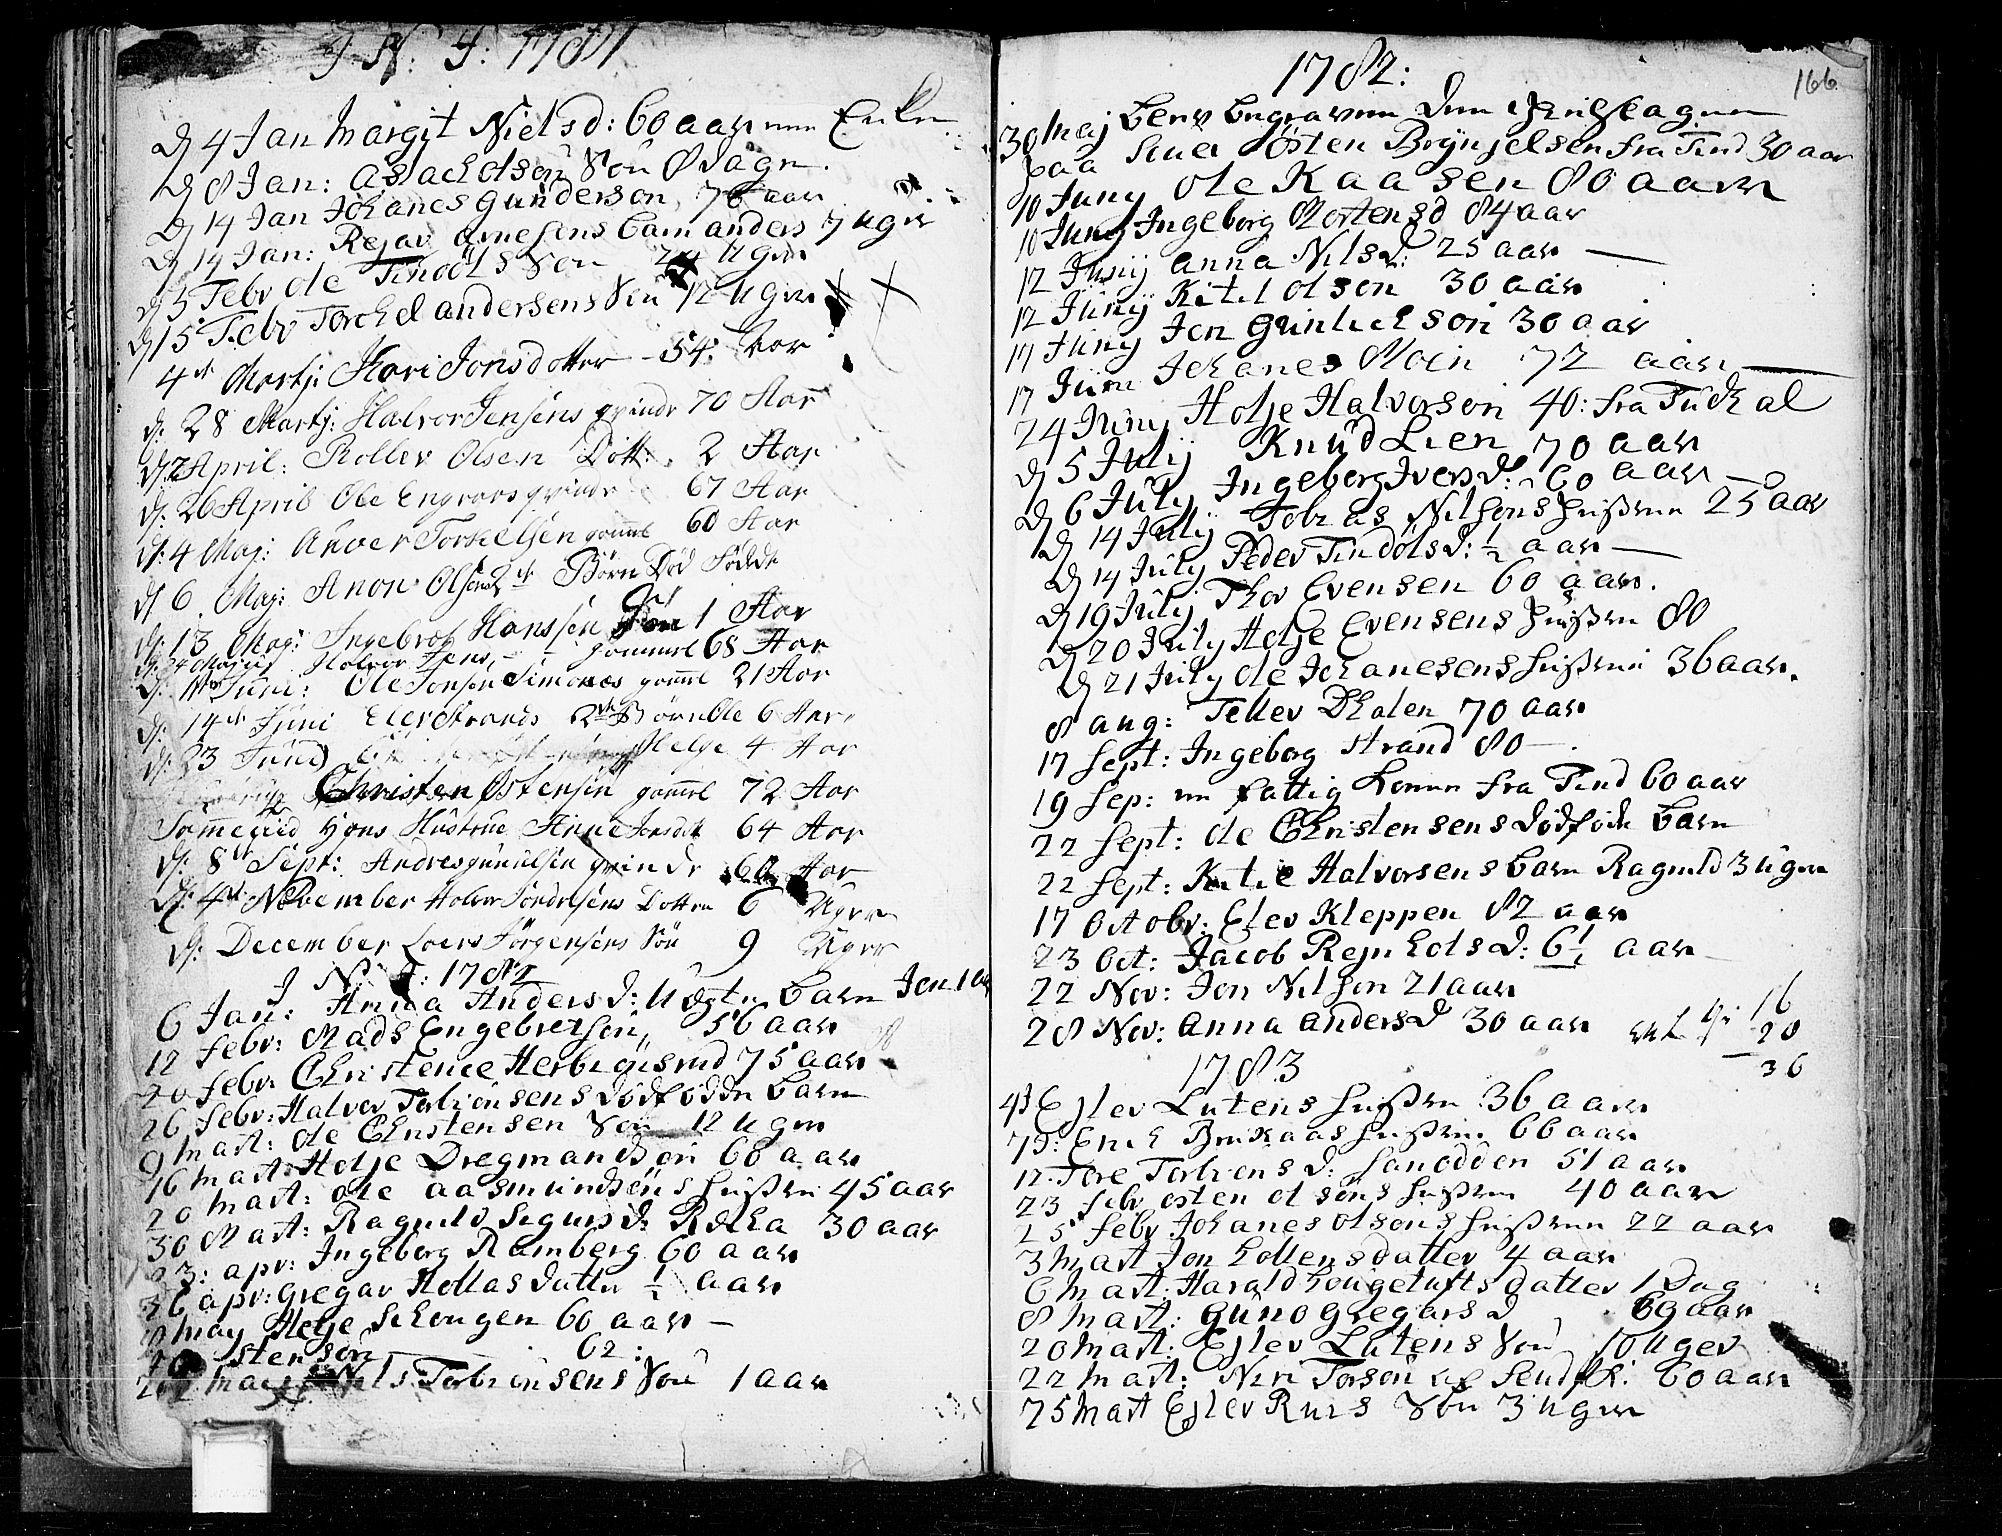 SAKO, Heddal kirkebøker, F/Fa/L0003: Ministerialbok nr. I 3, 1723-1783, s. 166